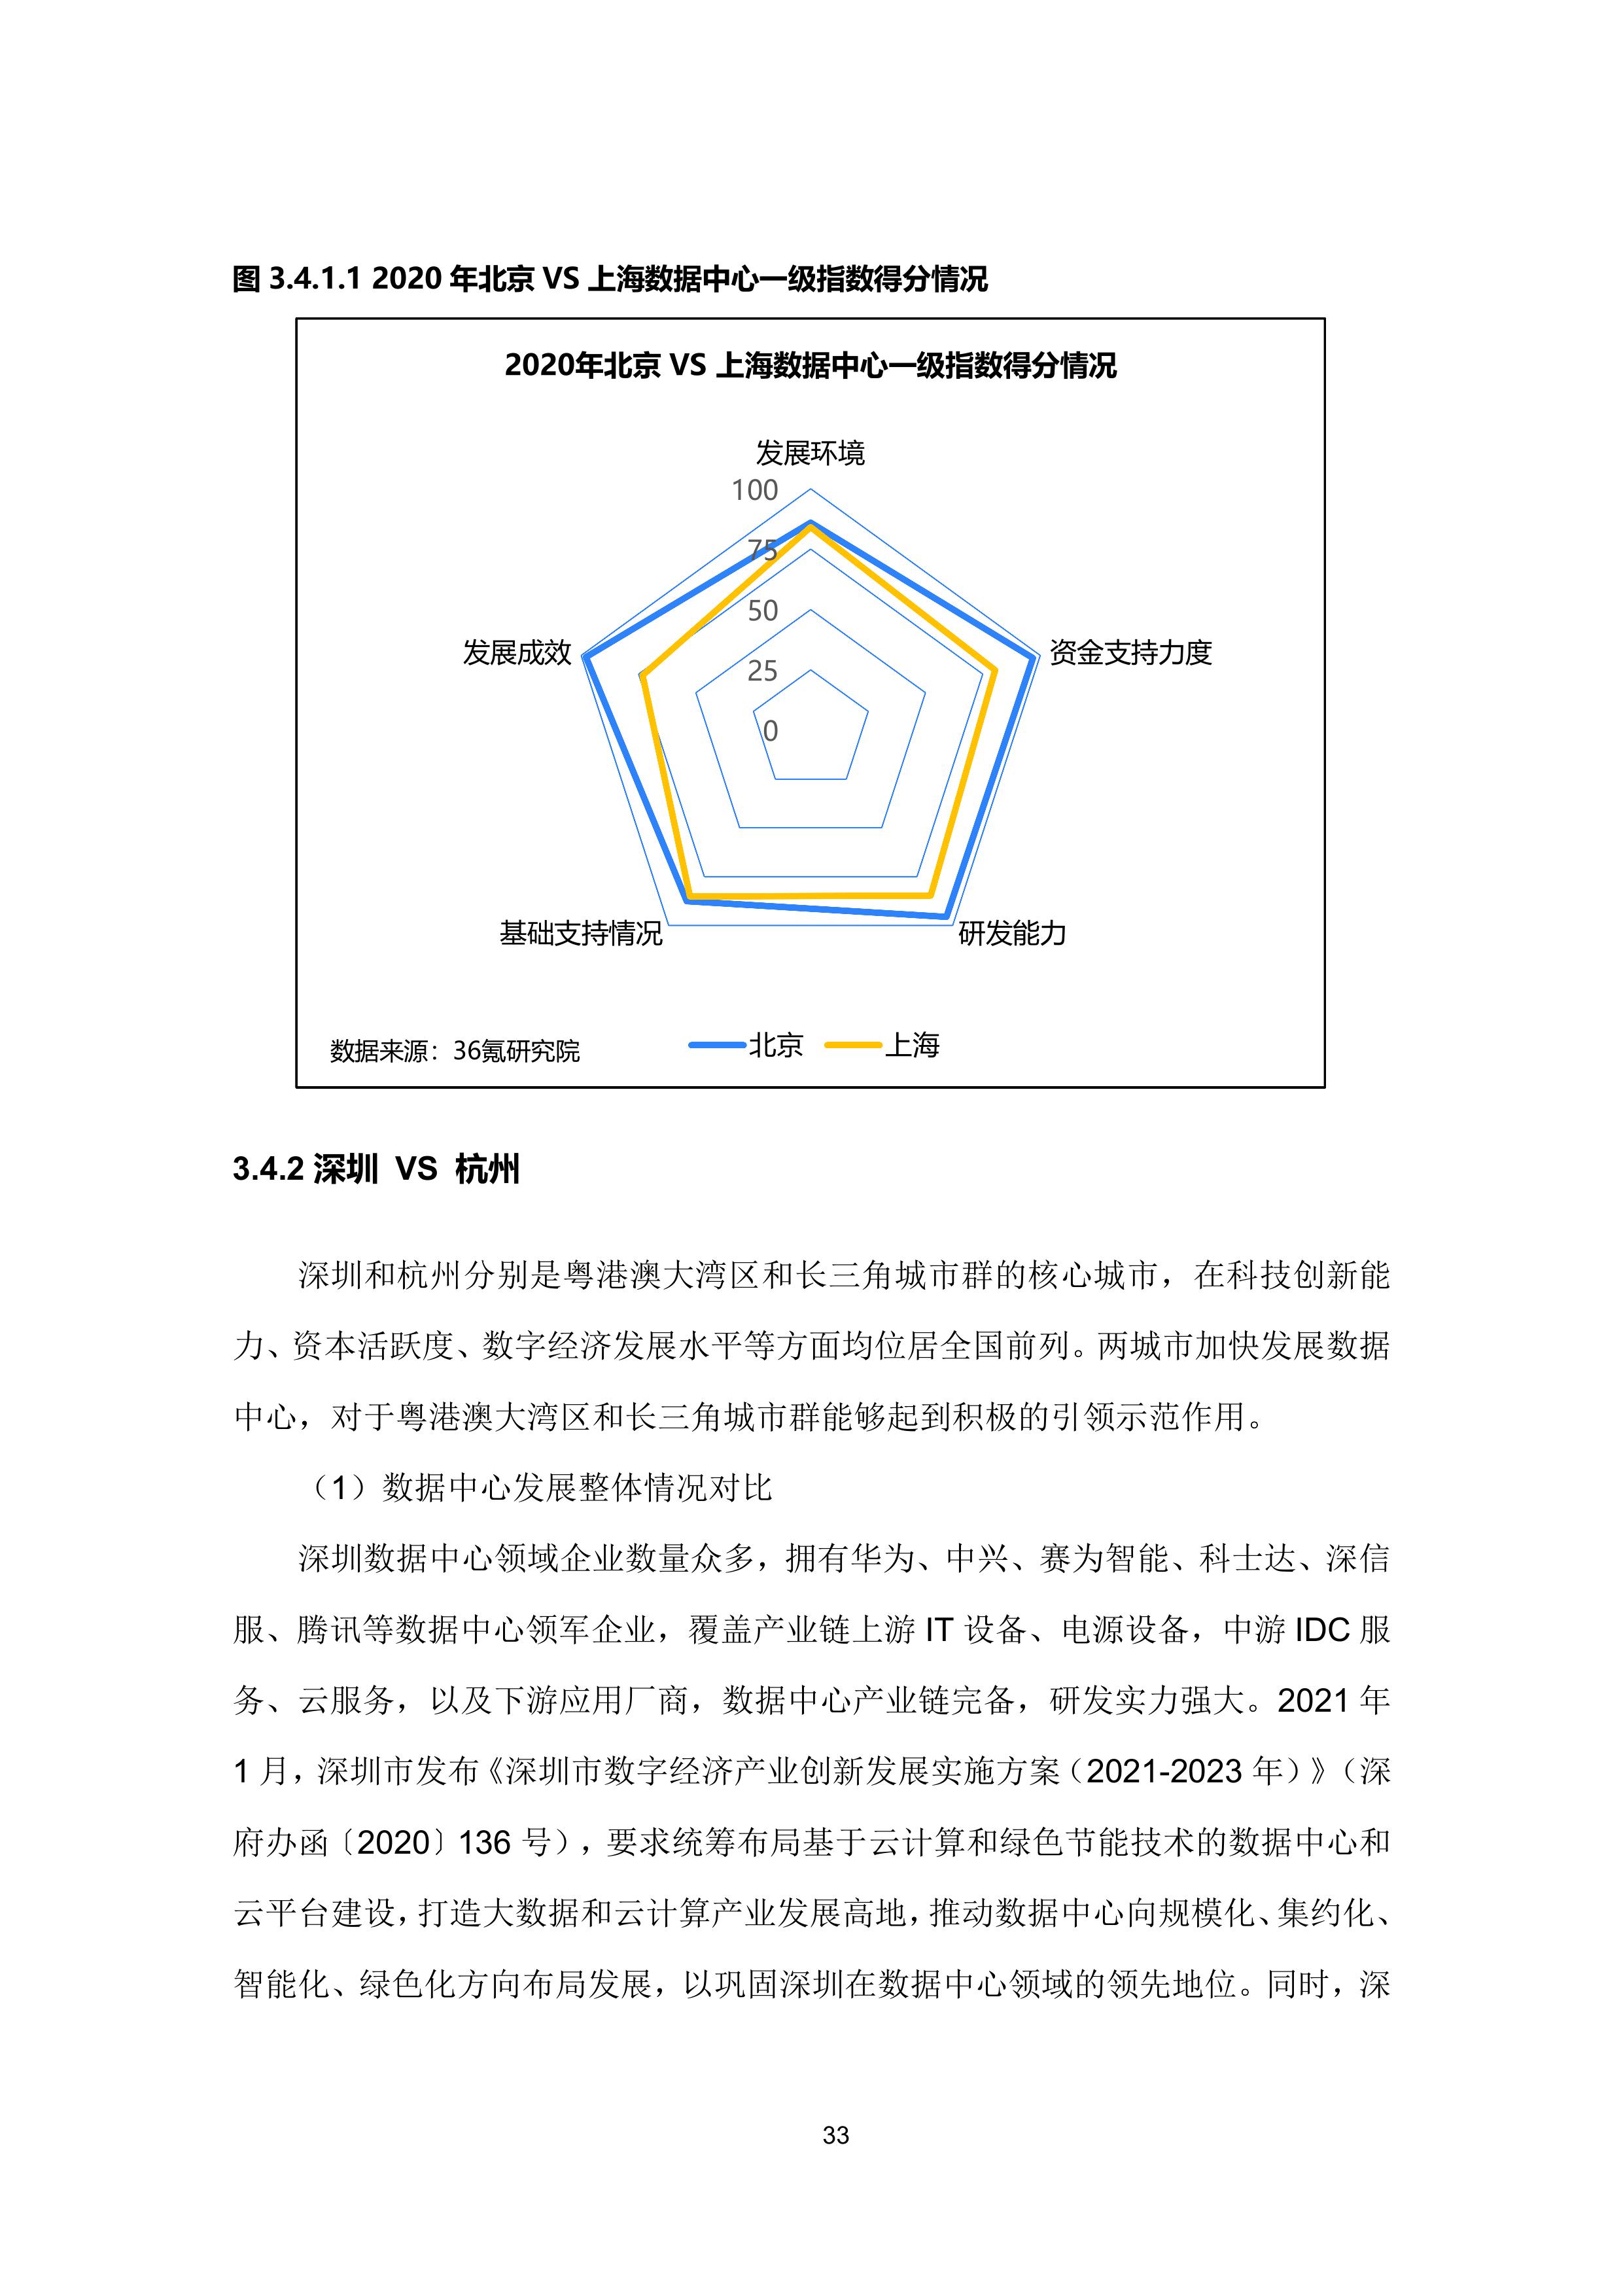 36氪研究院 - 新基建系列之:2020年中国城市数据中心发展指数报告-大菠萝官网(图44)